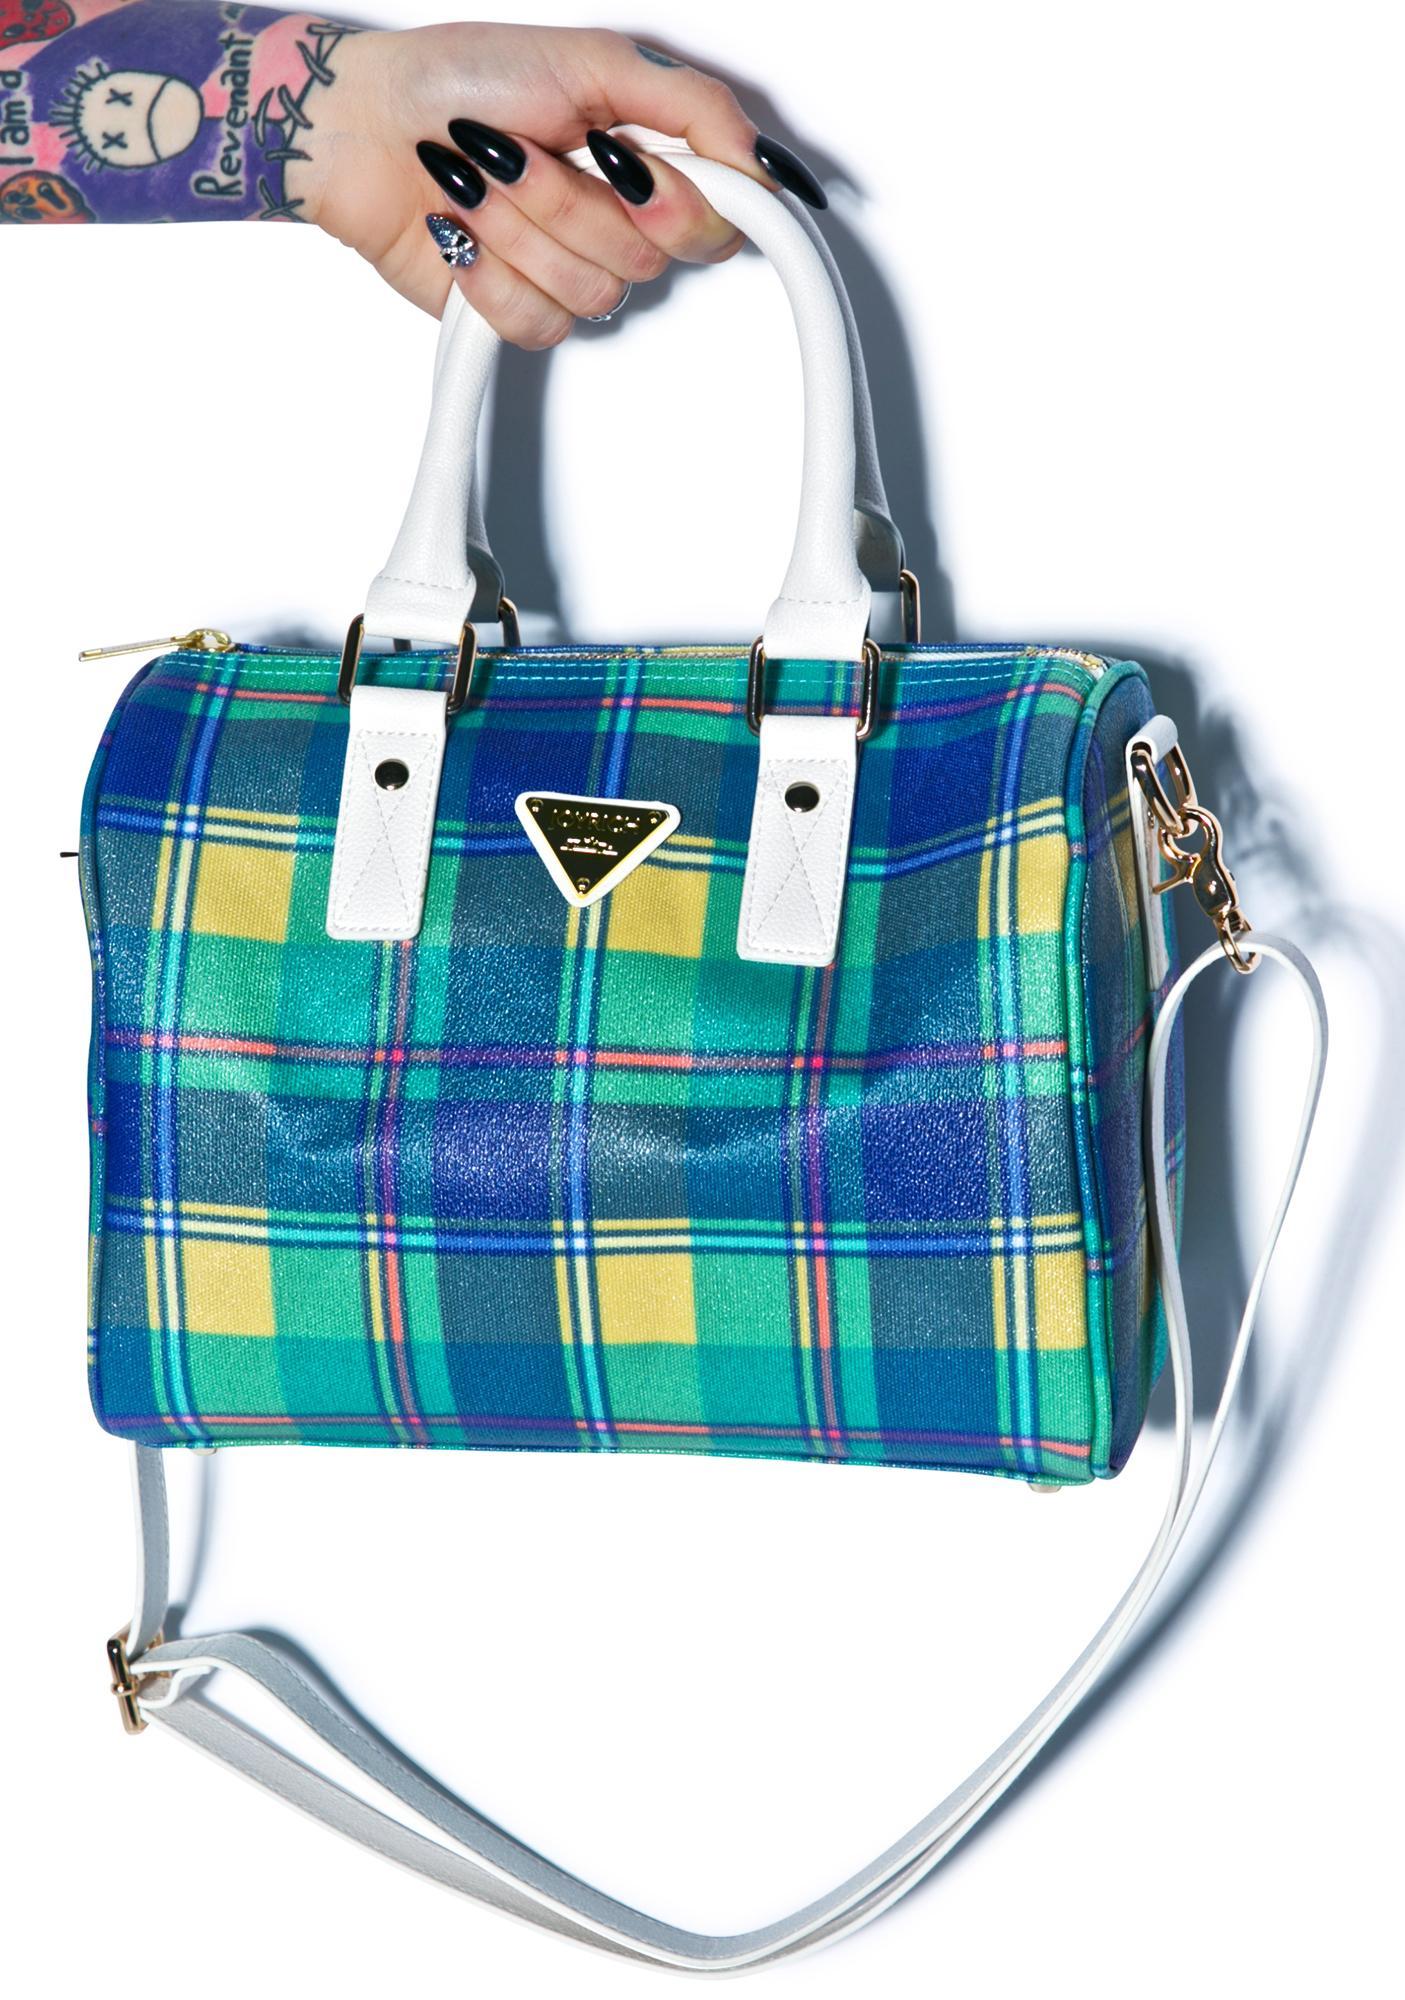 Joyrich Prep Raid Boston Shoulder Bag